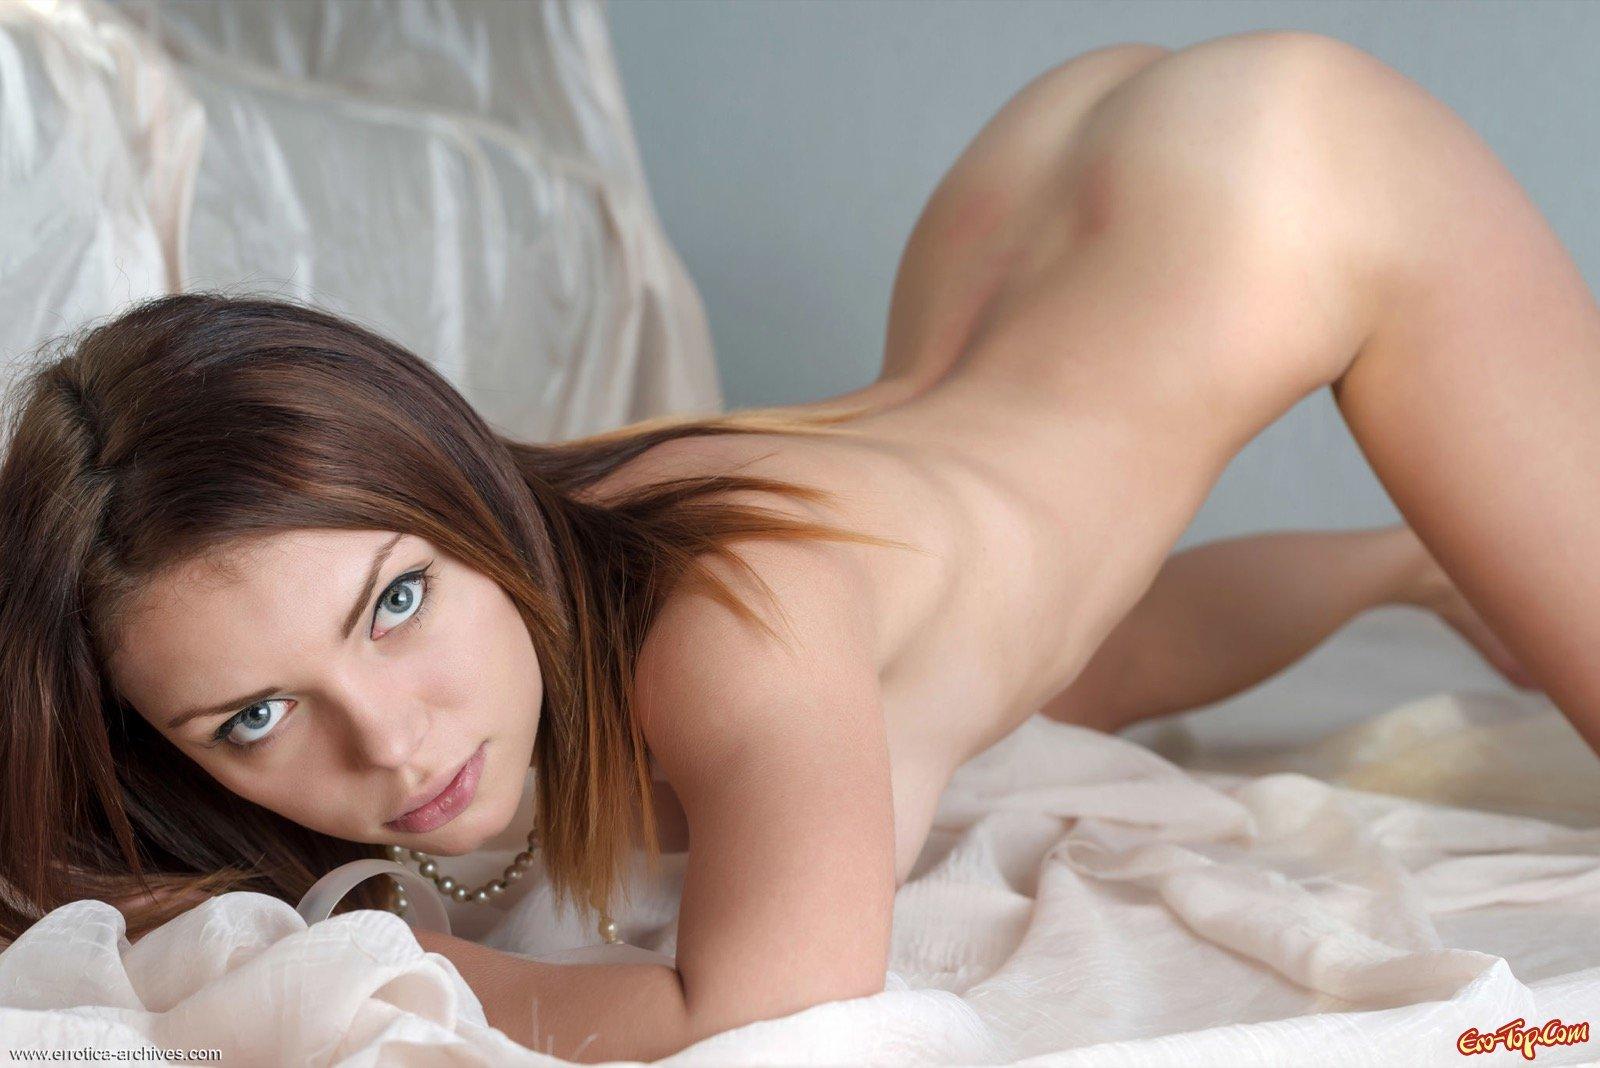 Гибкая девушка показывает бритую пилотку и грудь